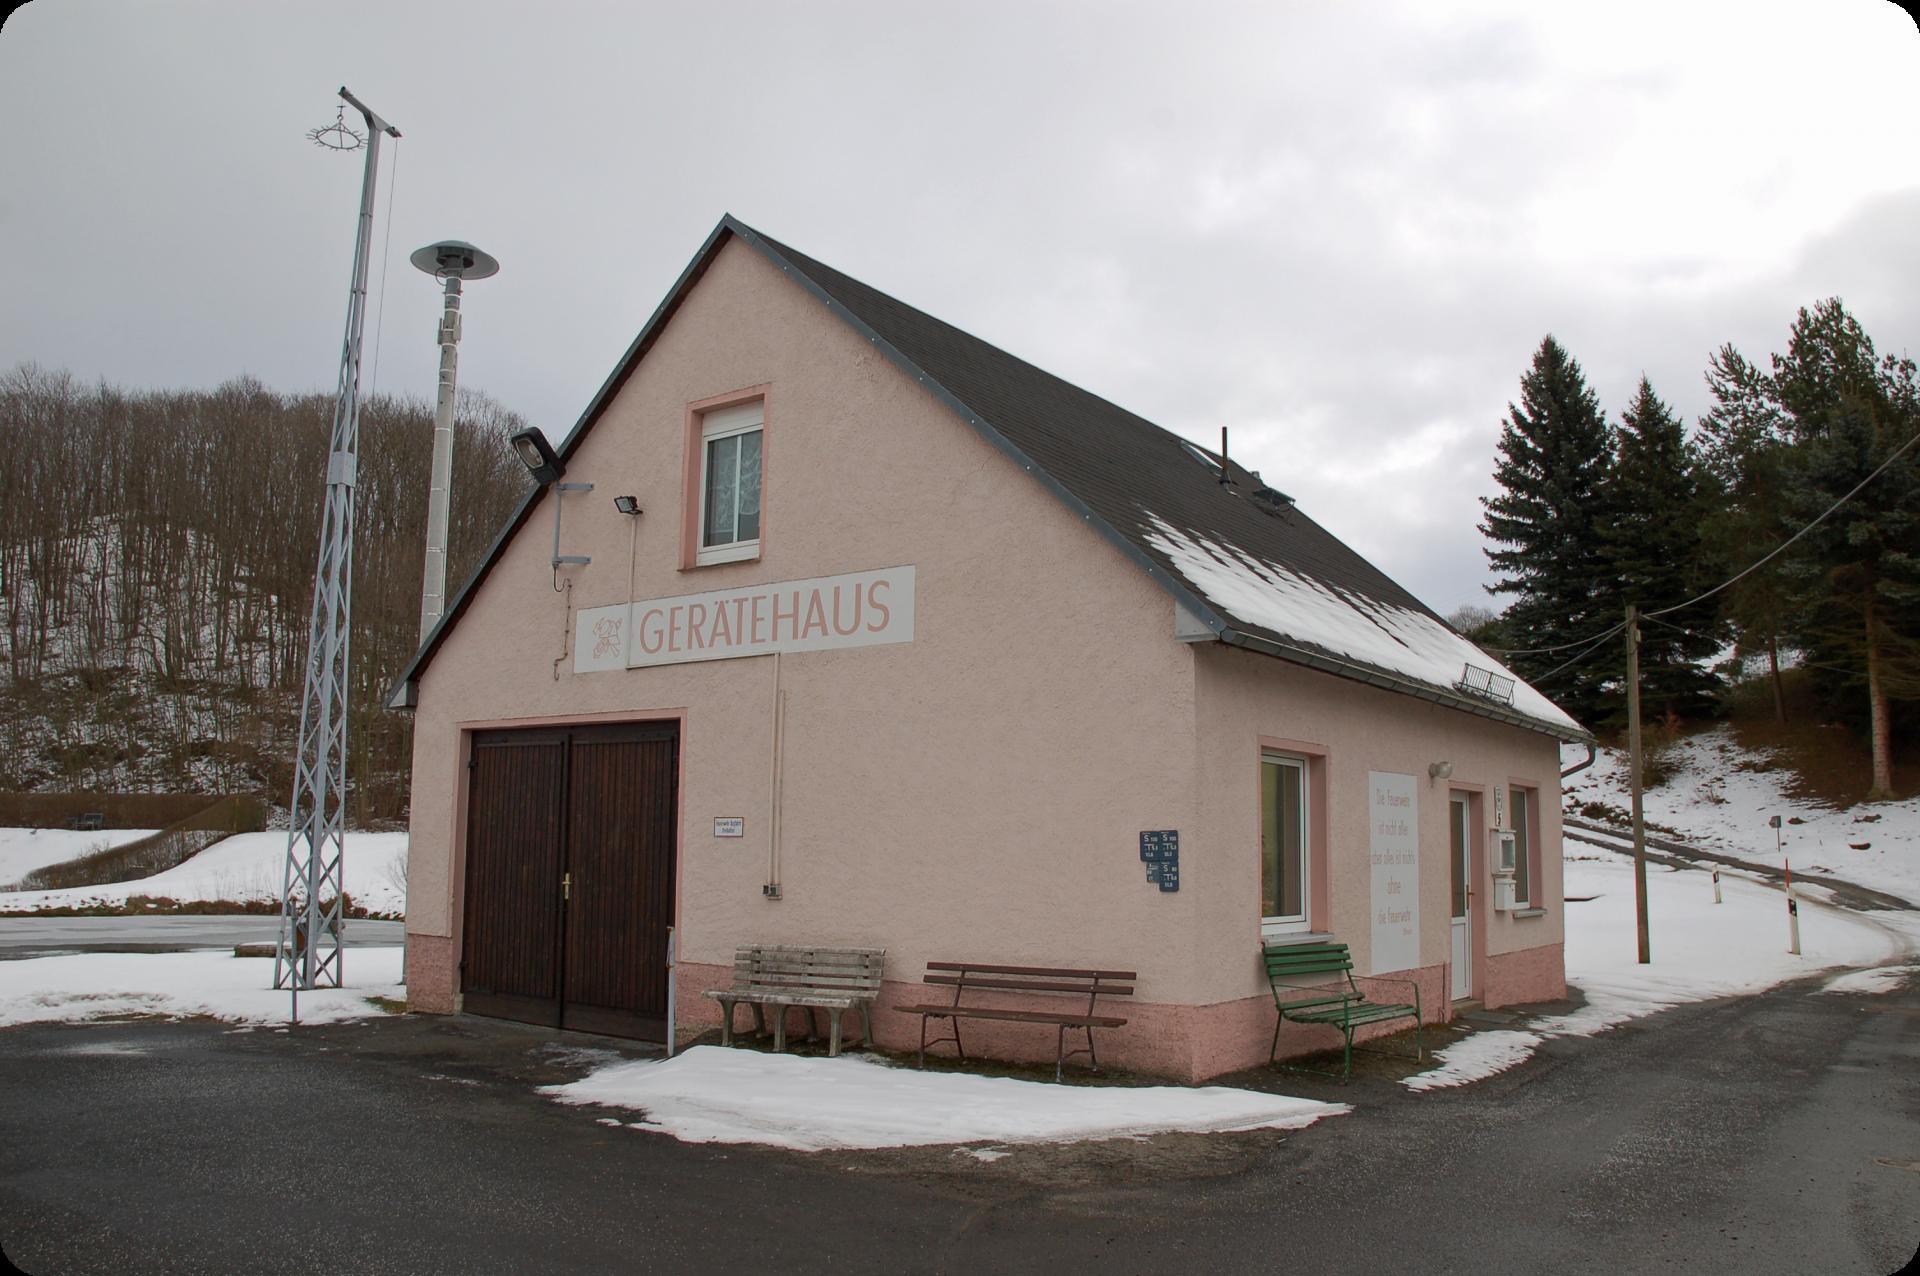 Gerätehaus Niederfrauendorf